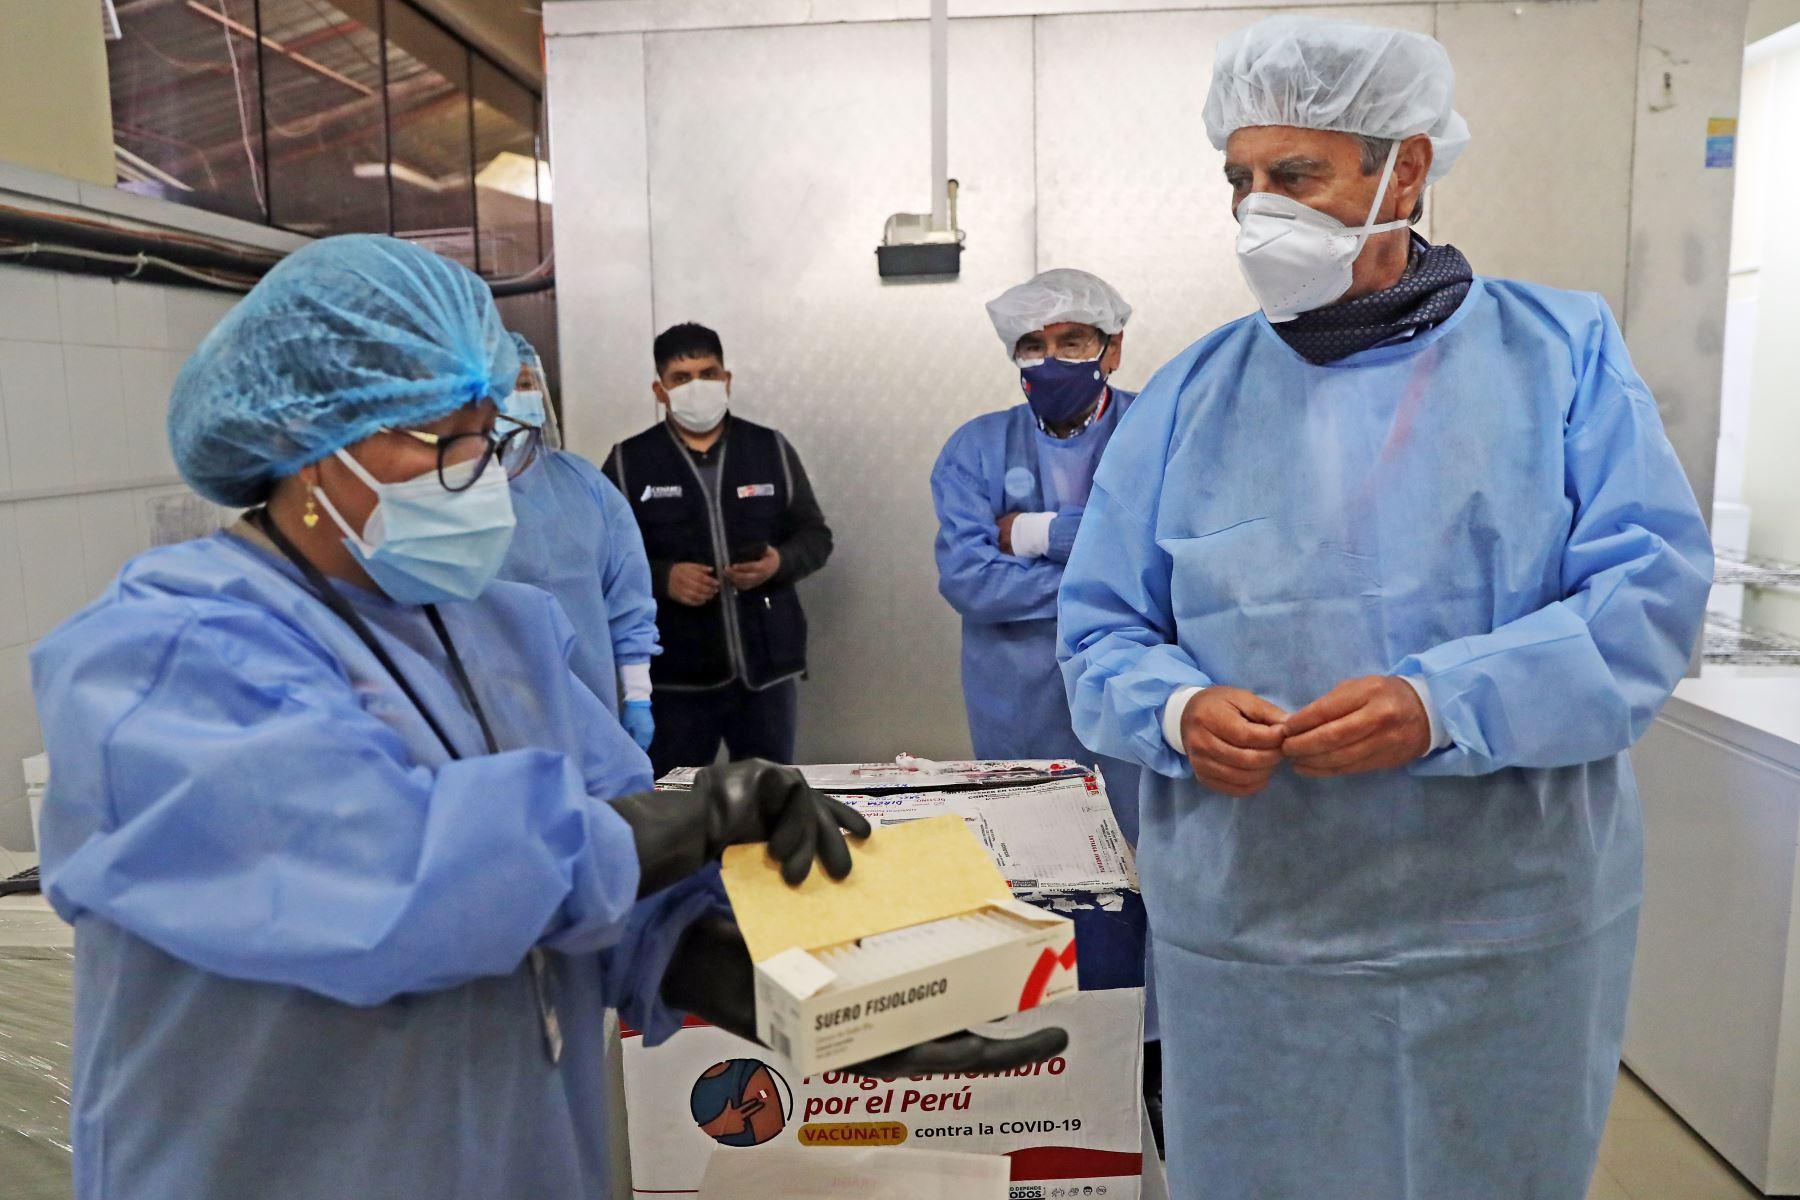 El presidente Francisco Sagasti, supervisó el protocolo de cadena de frío para vacunas contra la covid-19 y  entrego equipamiento médico UCI a la Diresa Áncash. Foto: ANDINA/ Prensa Presidencia